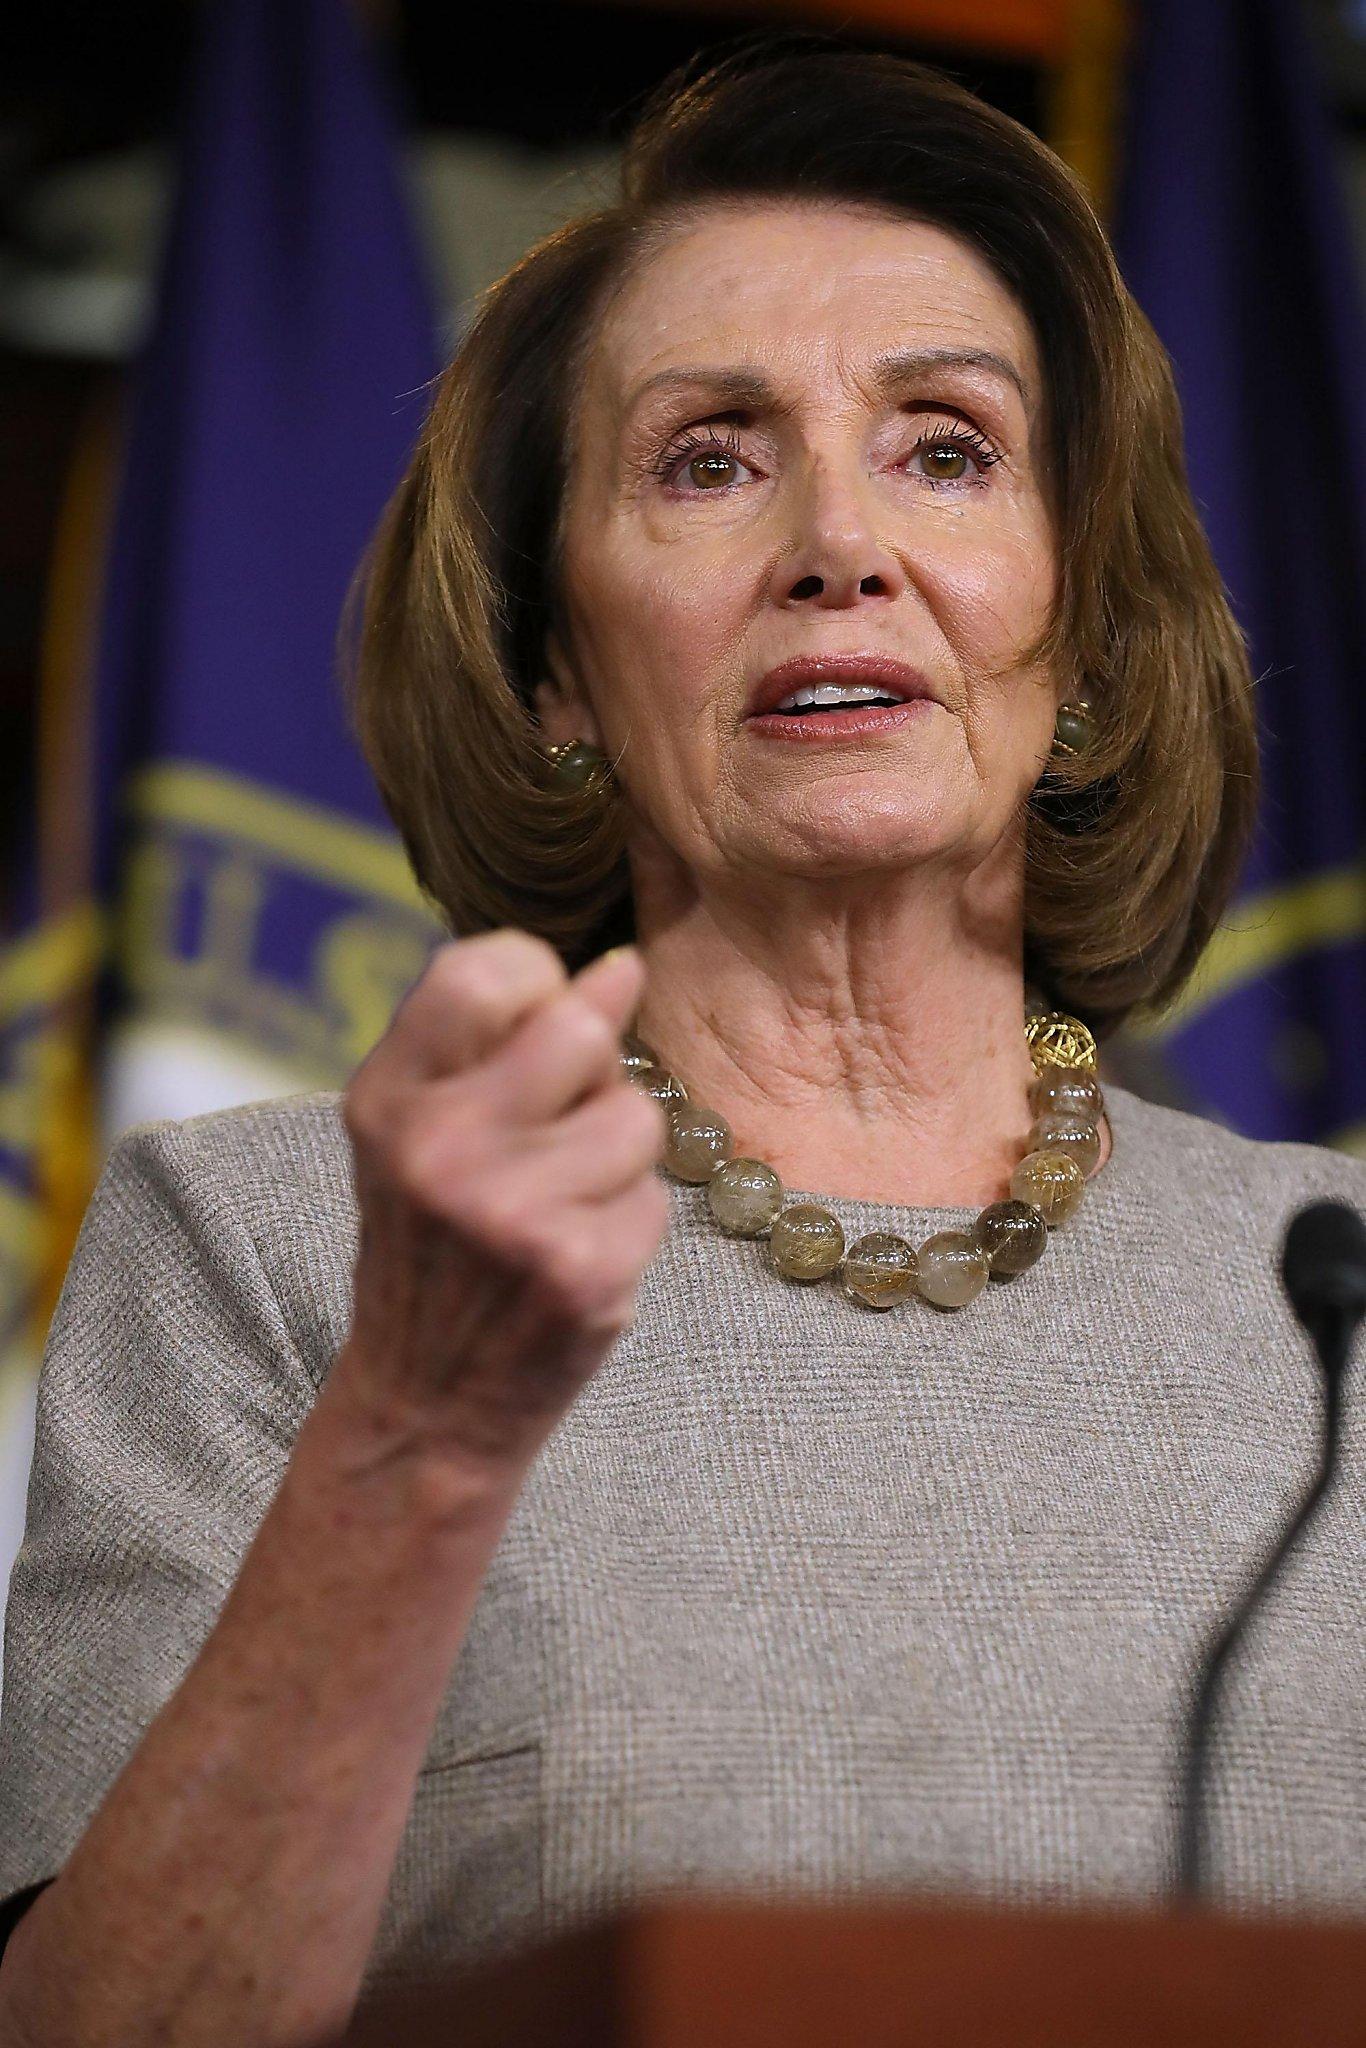 Nancy Pelosi says her grandson wishes he had brown skin ...